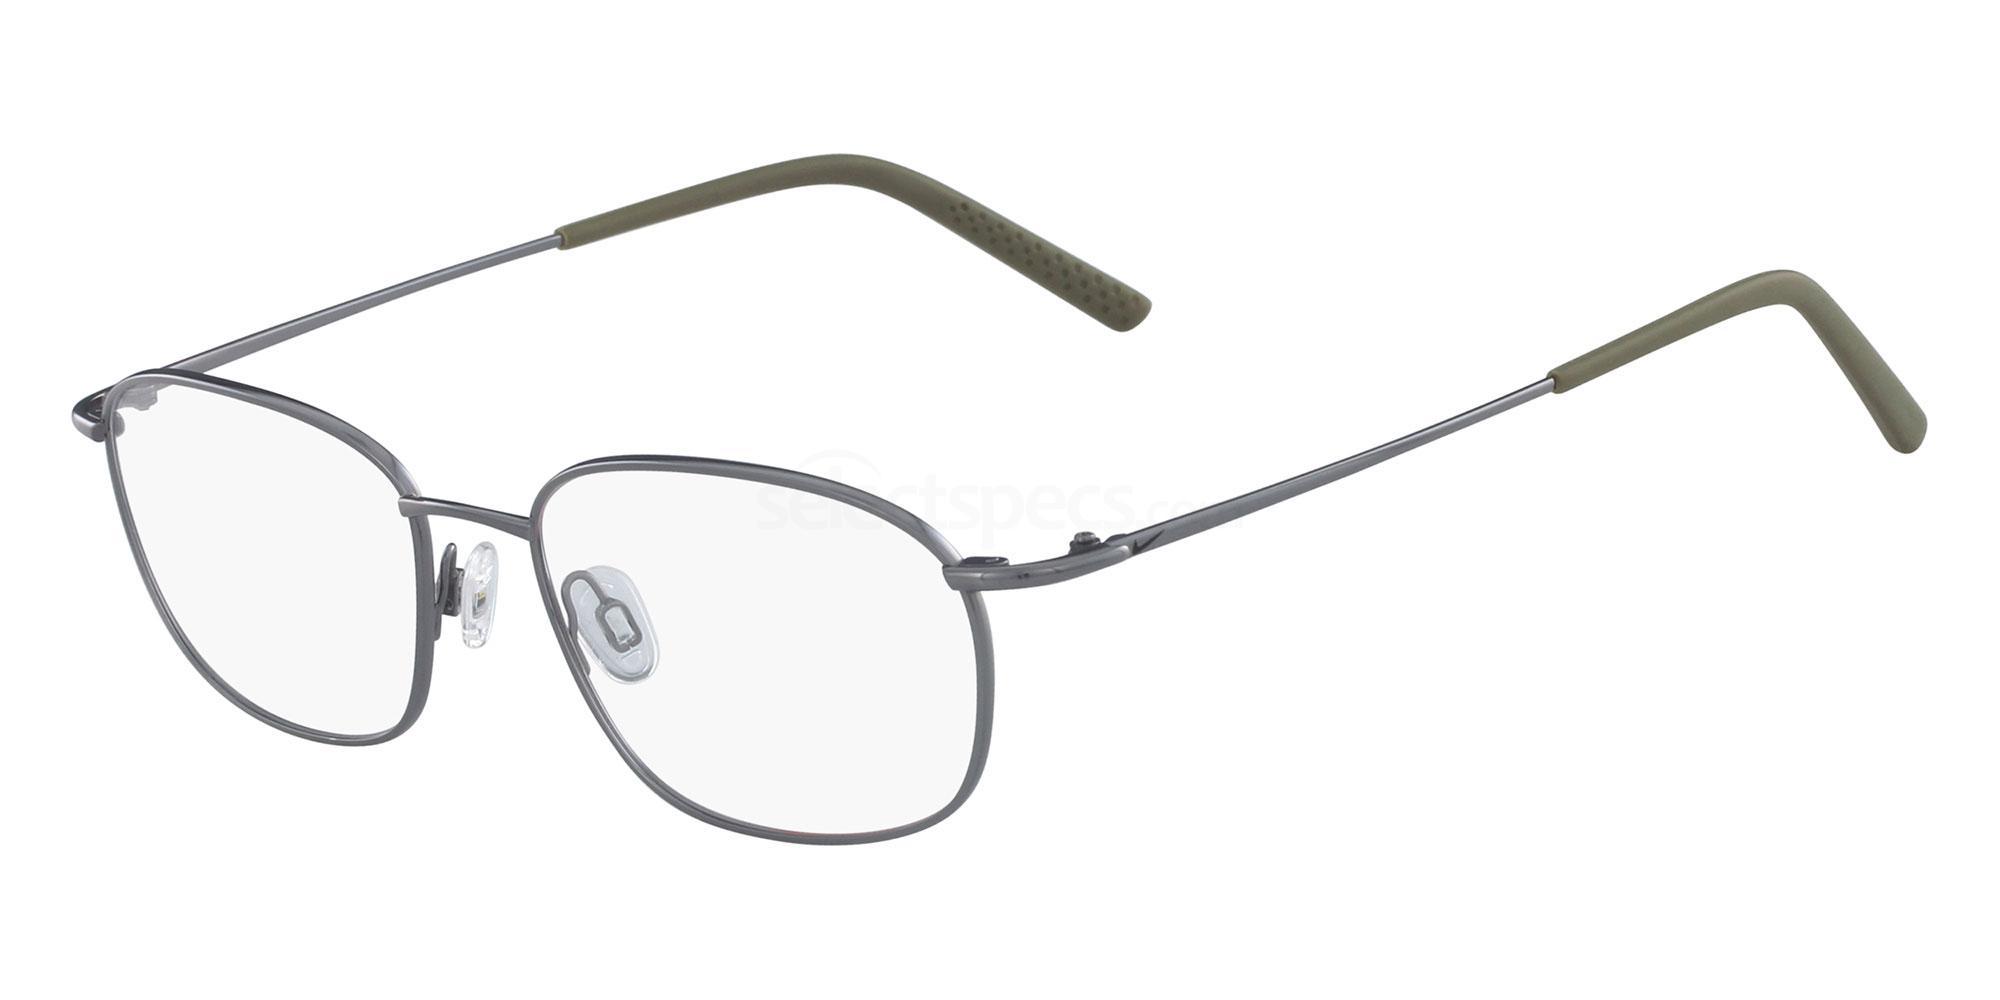 070 NIKE 8181 Glasses, Nike